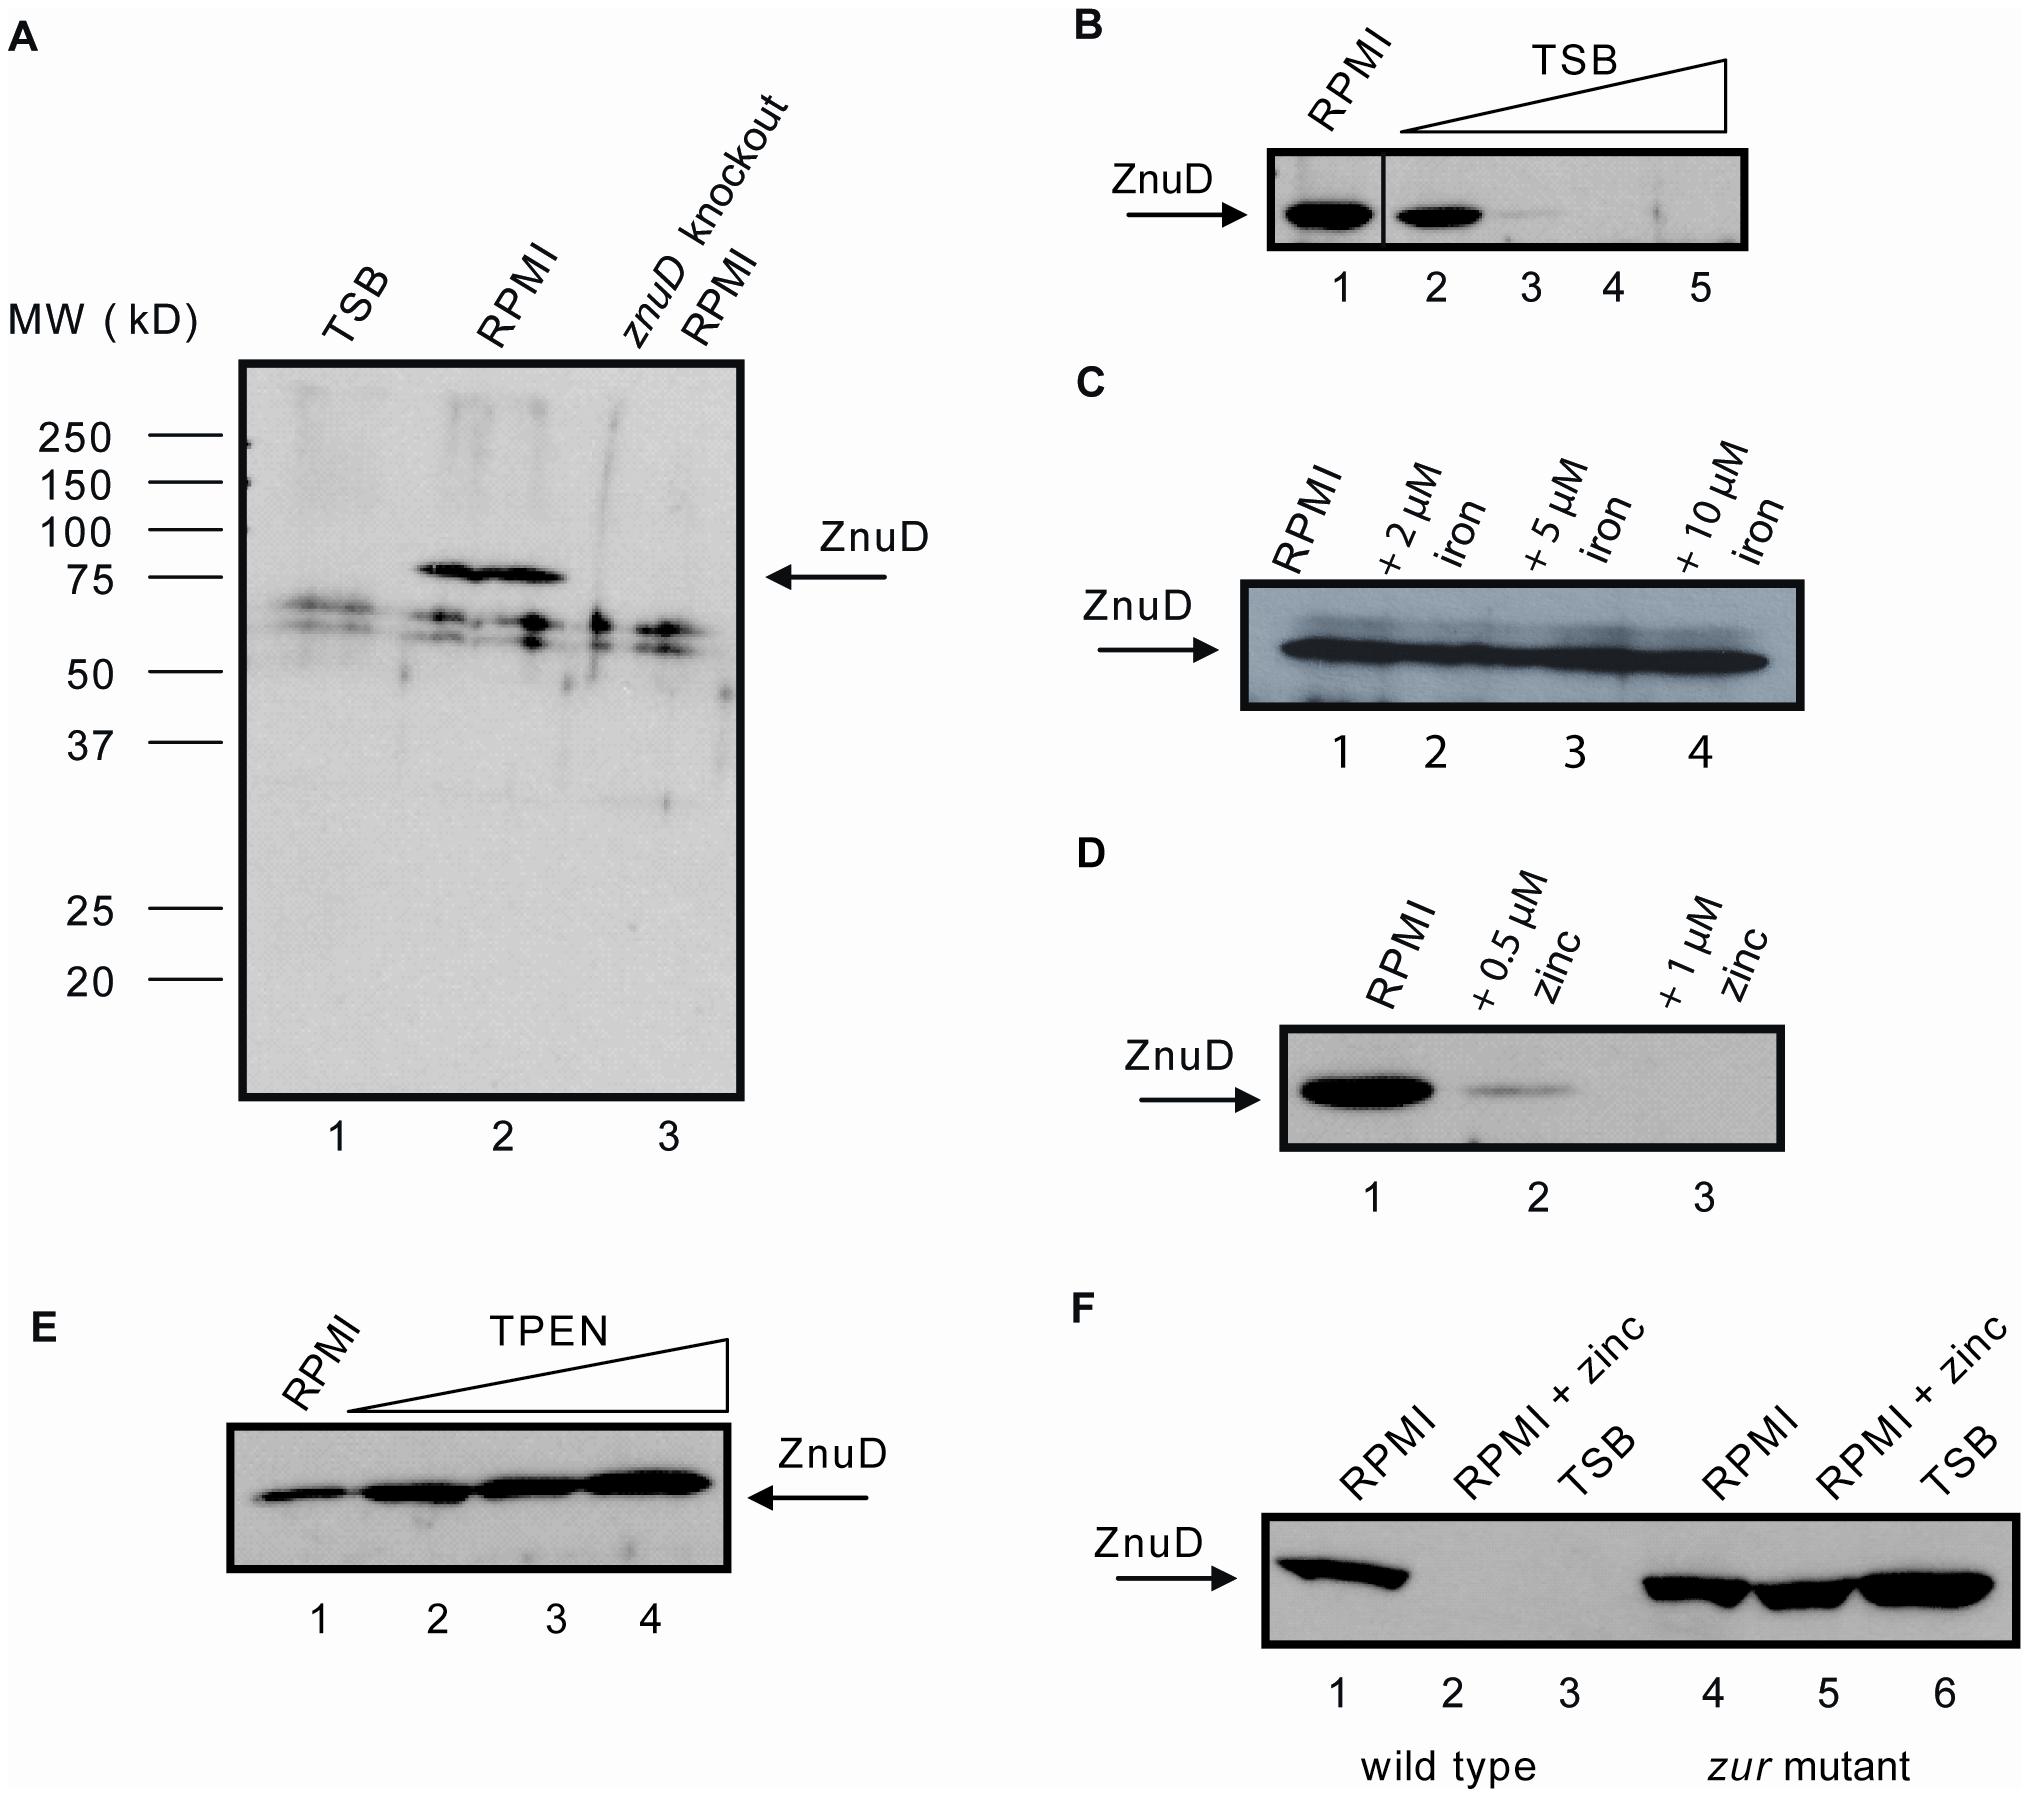 Regulation of <i>znuD</i> gene expression.